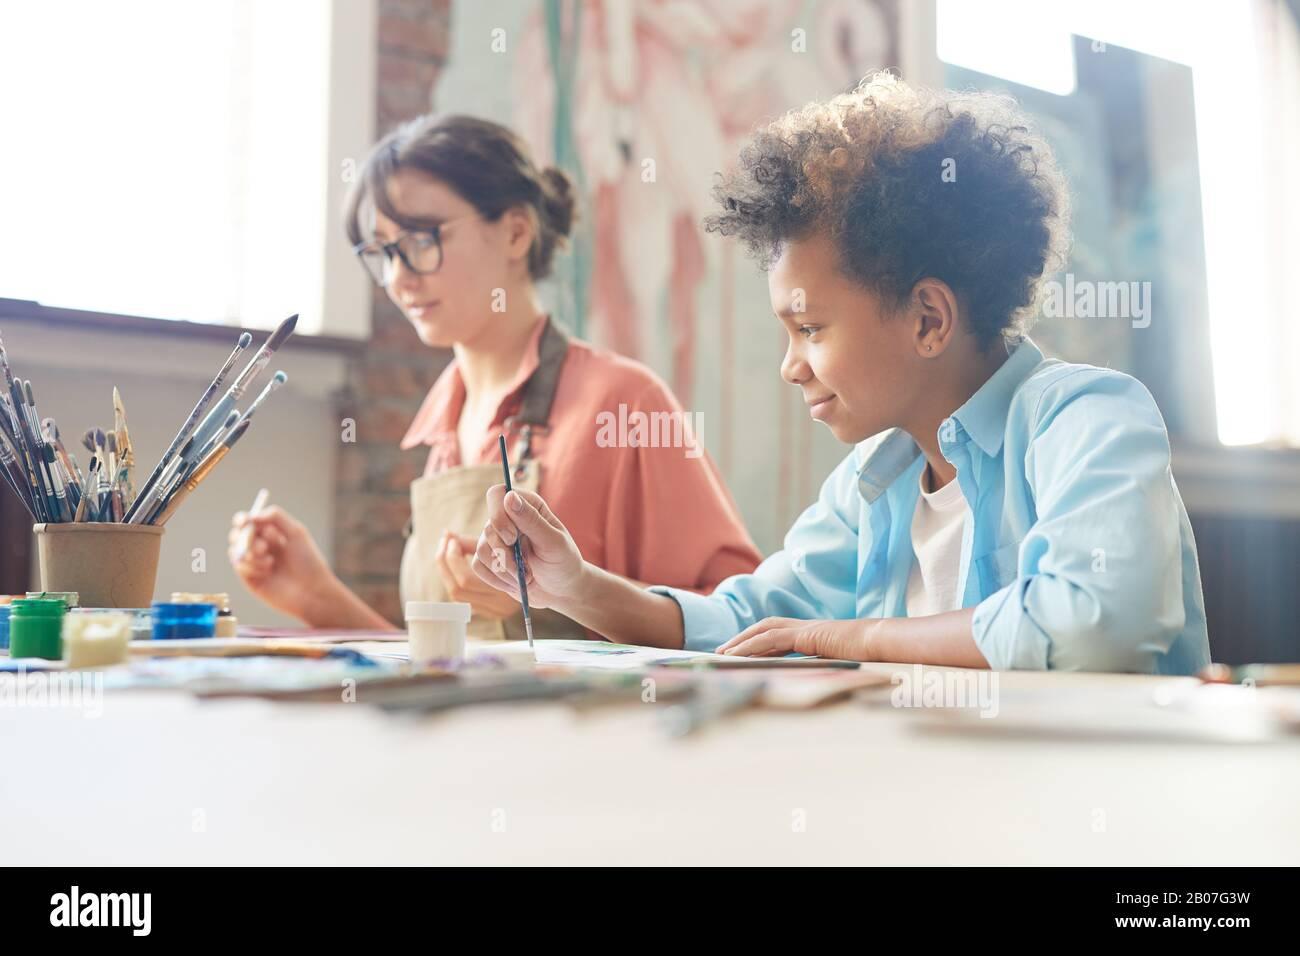 Jeune femme assise à la table avec un garçon africain et ils peignent avec des aquarelles au studio d'art Banque D'Images